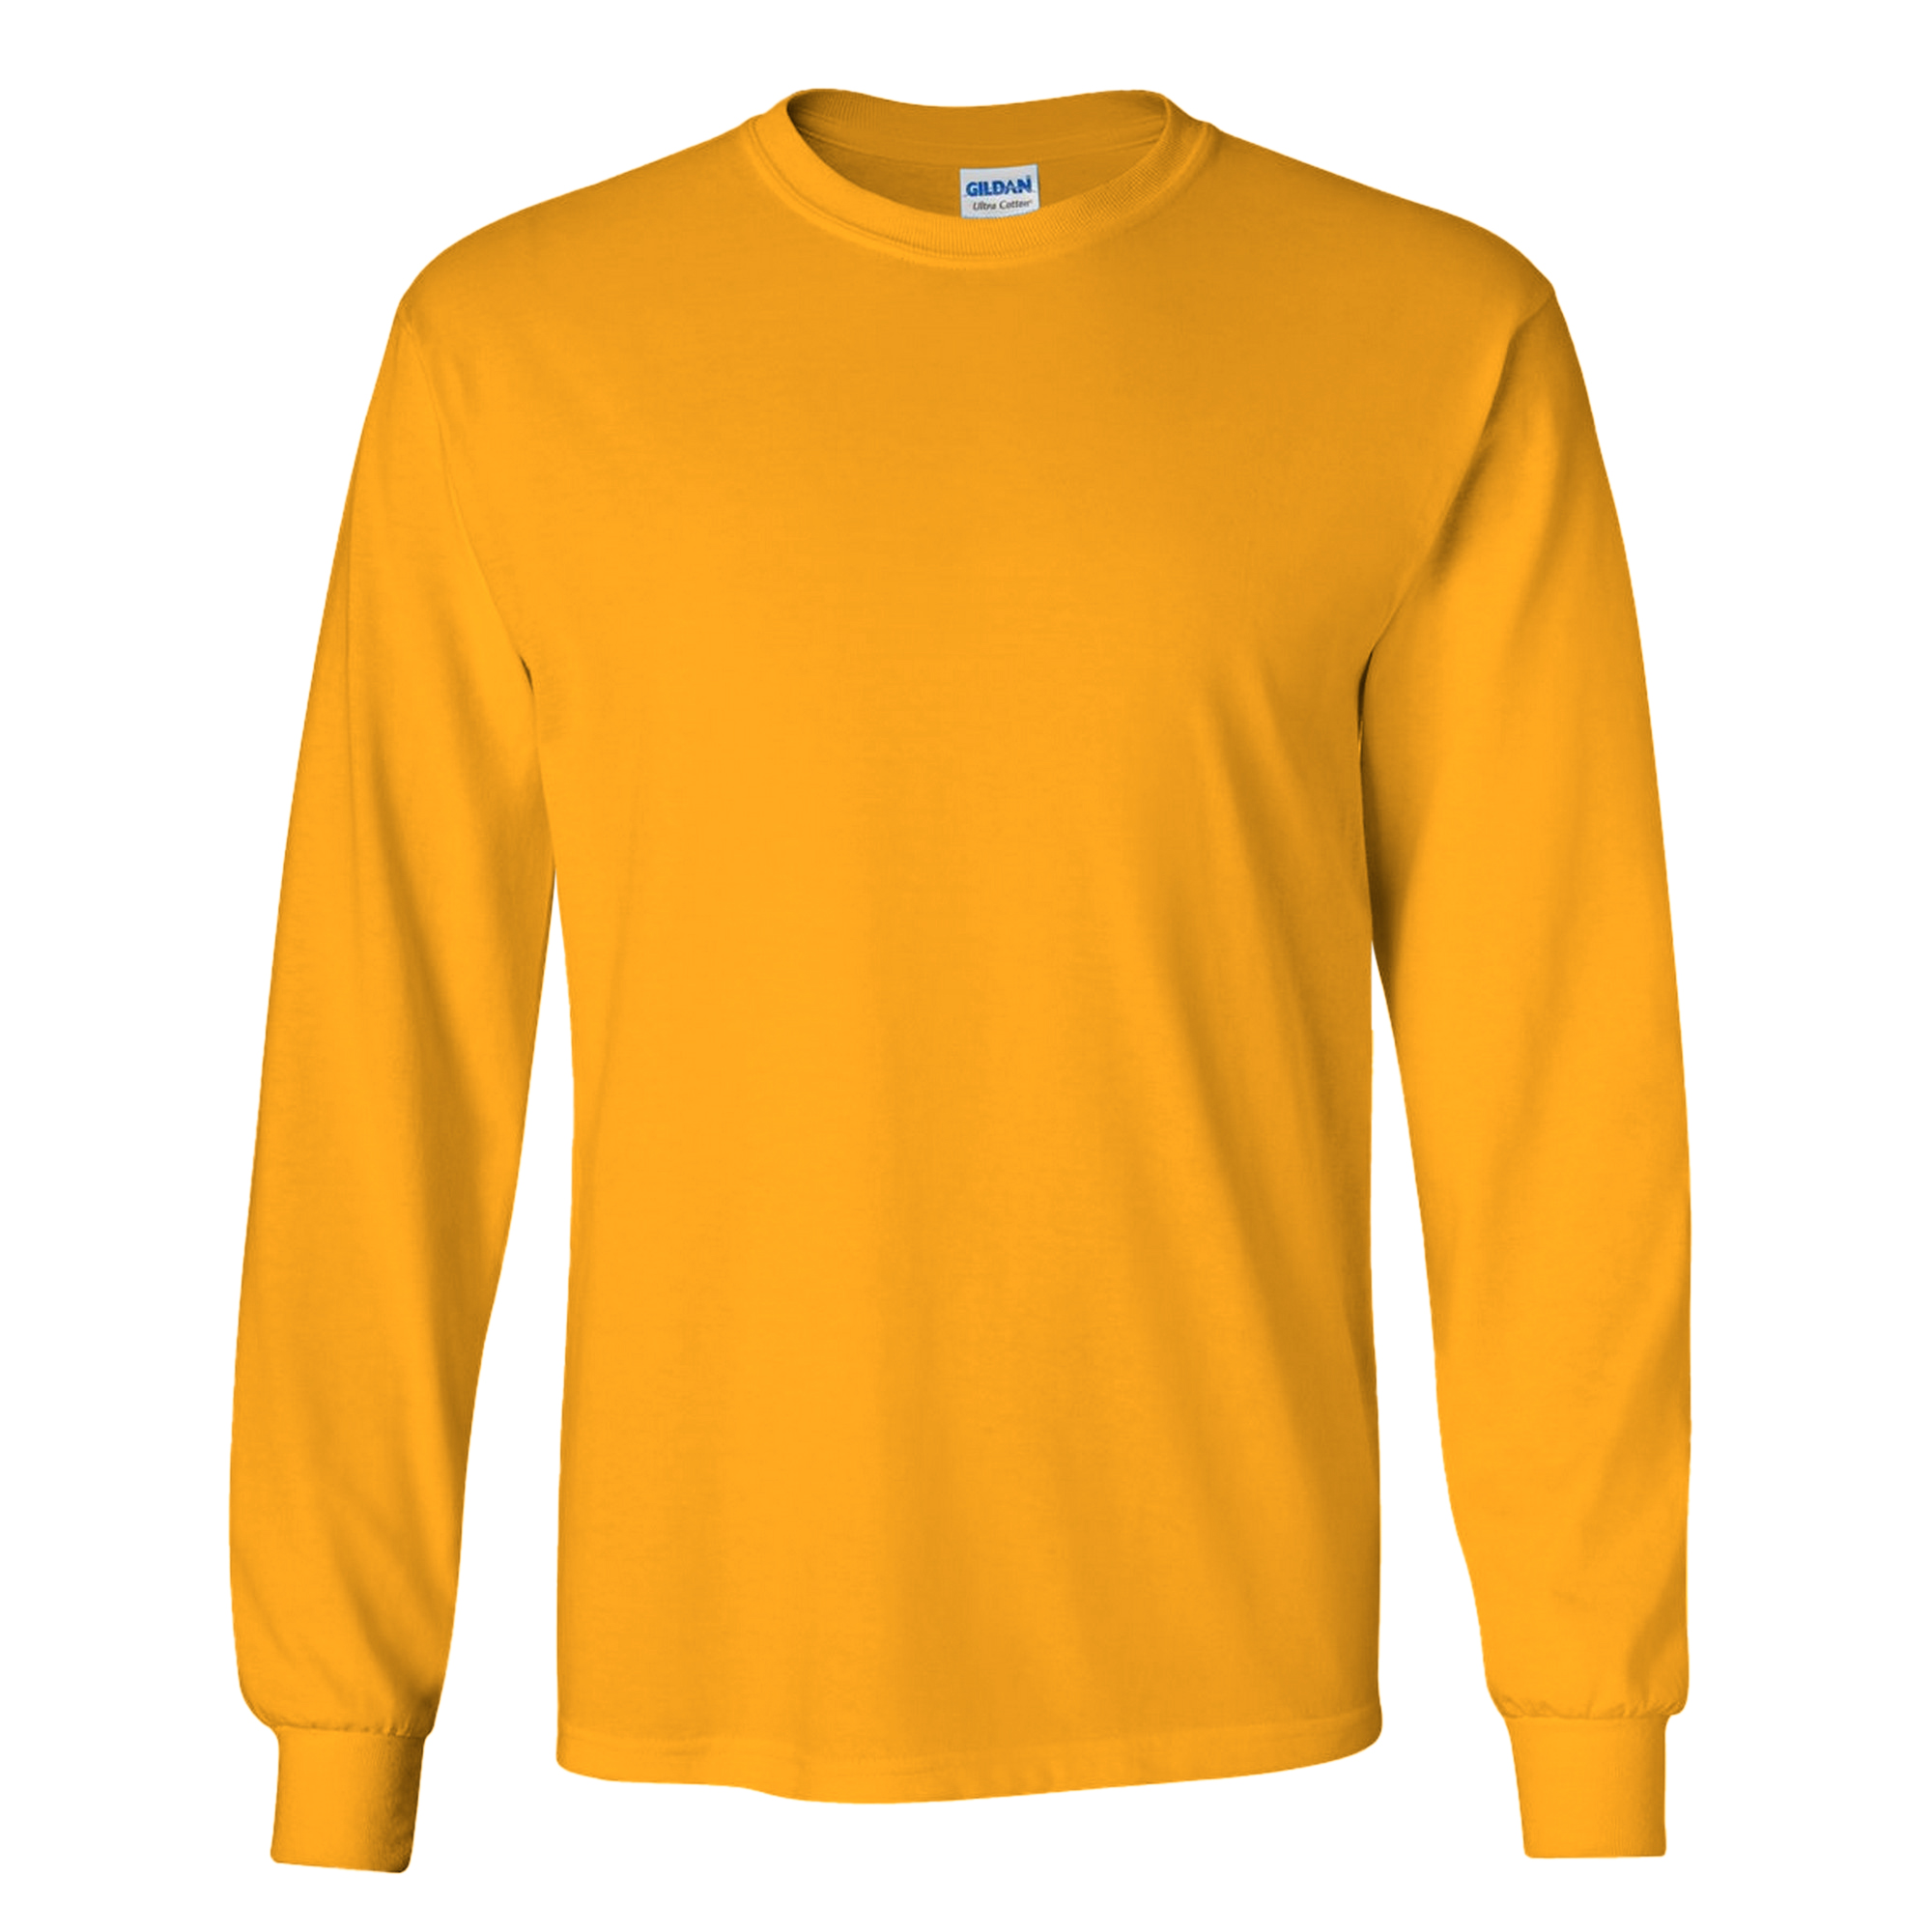 miniature 9 - T-shirt-uni-a-manches-longues-Gildan-100-coton-pour-homme-S-2XL-BC477